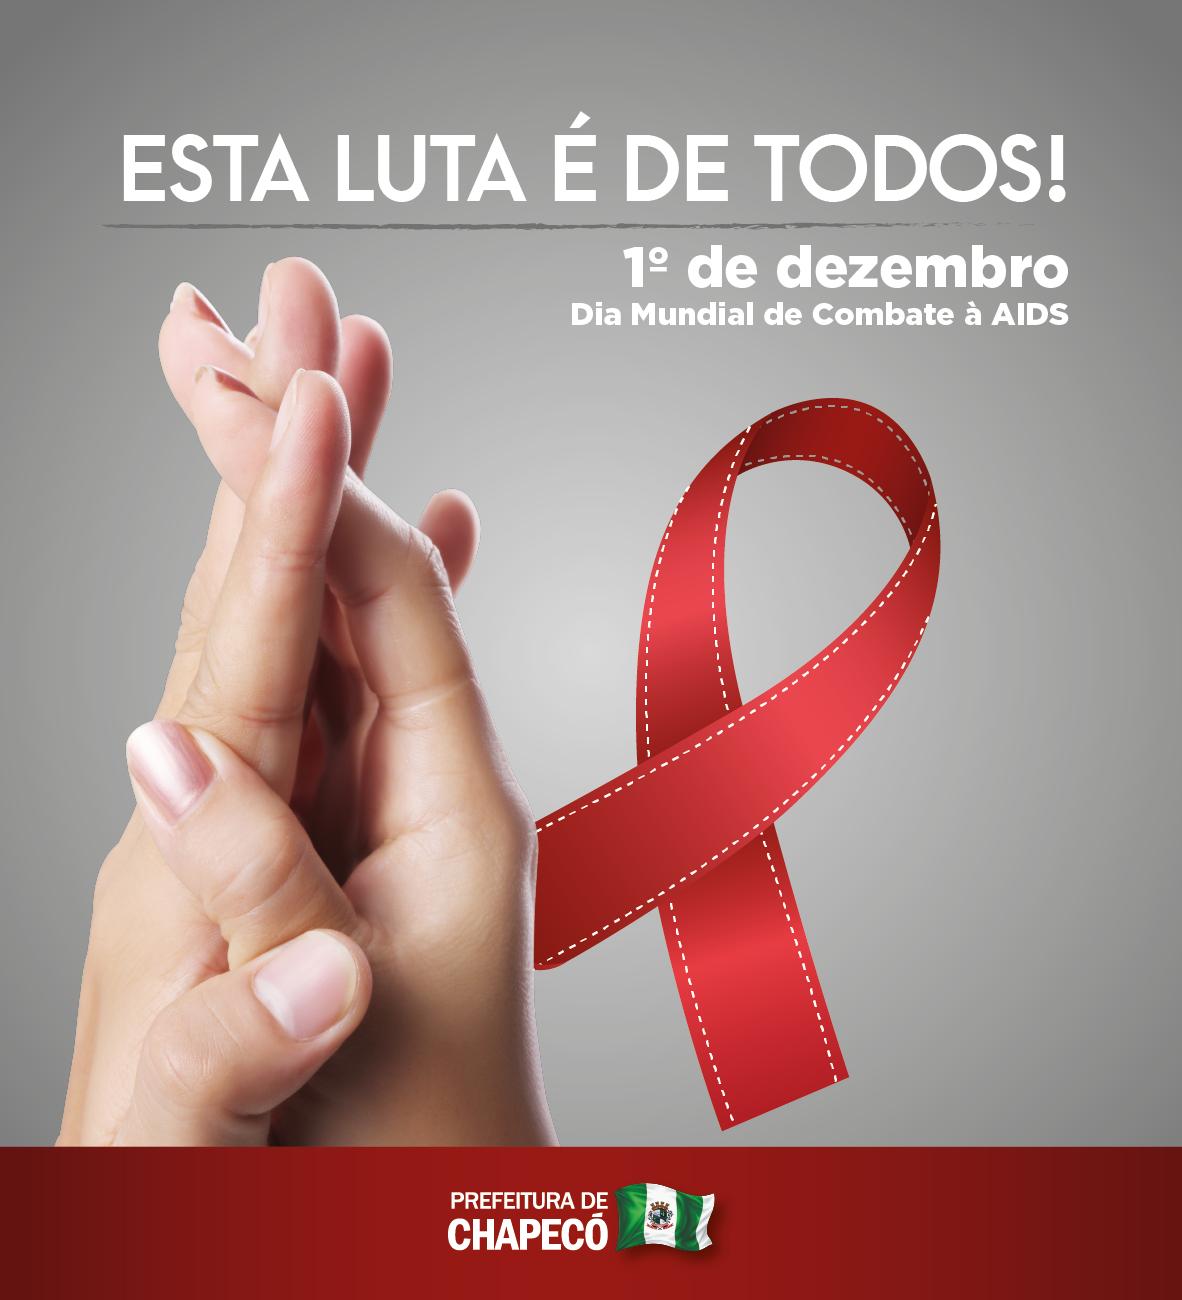 Resultado de imagem para todos contras a aids